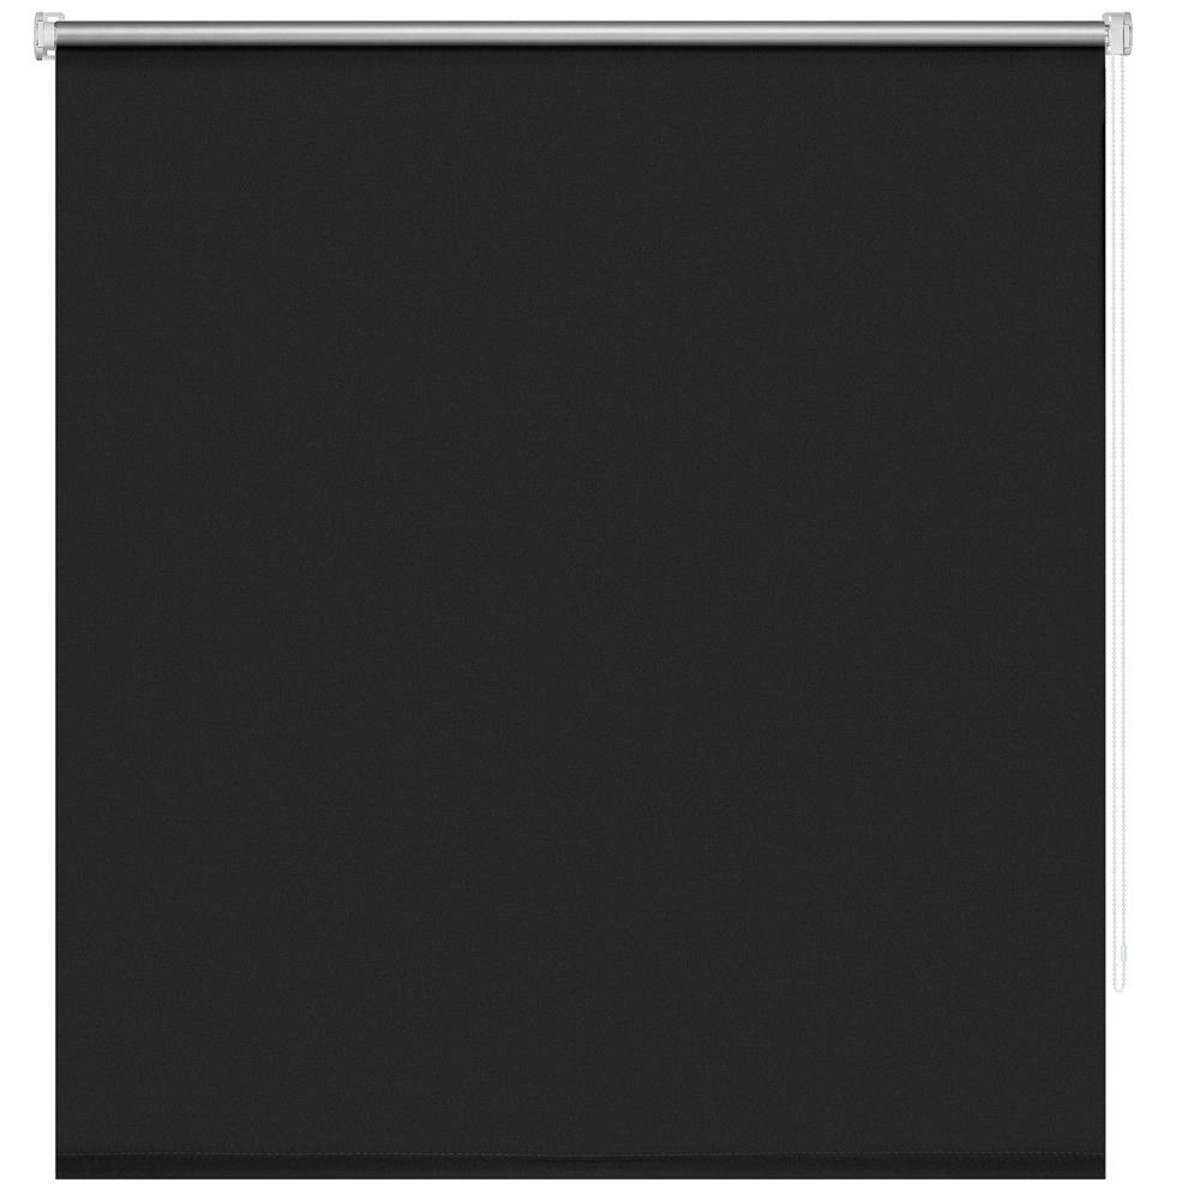 Рулонная Ора Decofest Блэкаут Плайн 120Х160 Цвет Черный